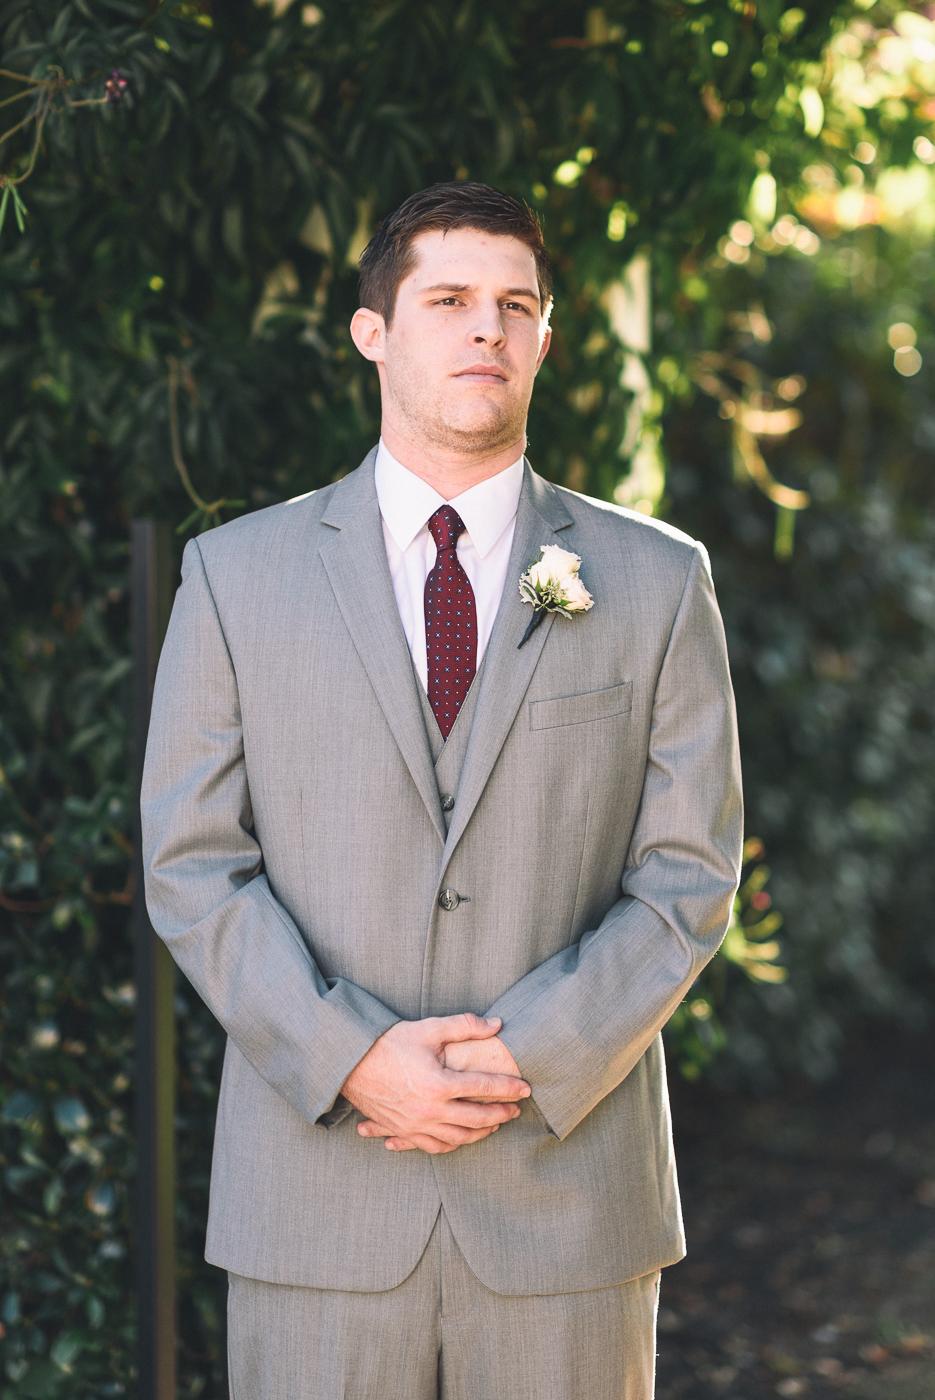 dapper groom grey suit portrait boutonniere